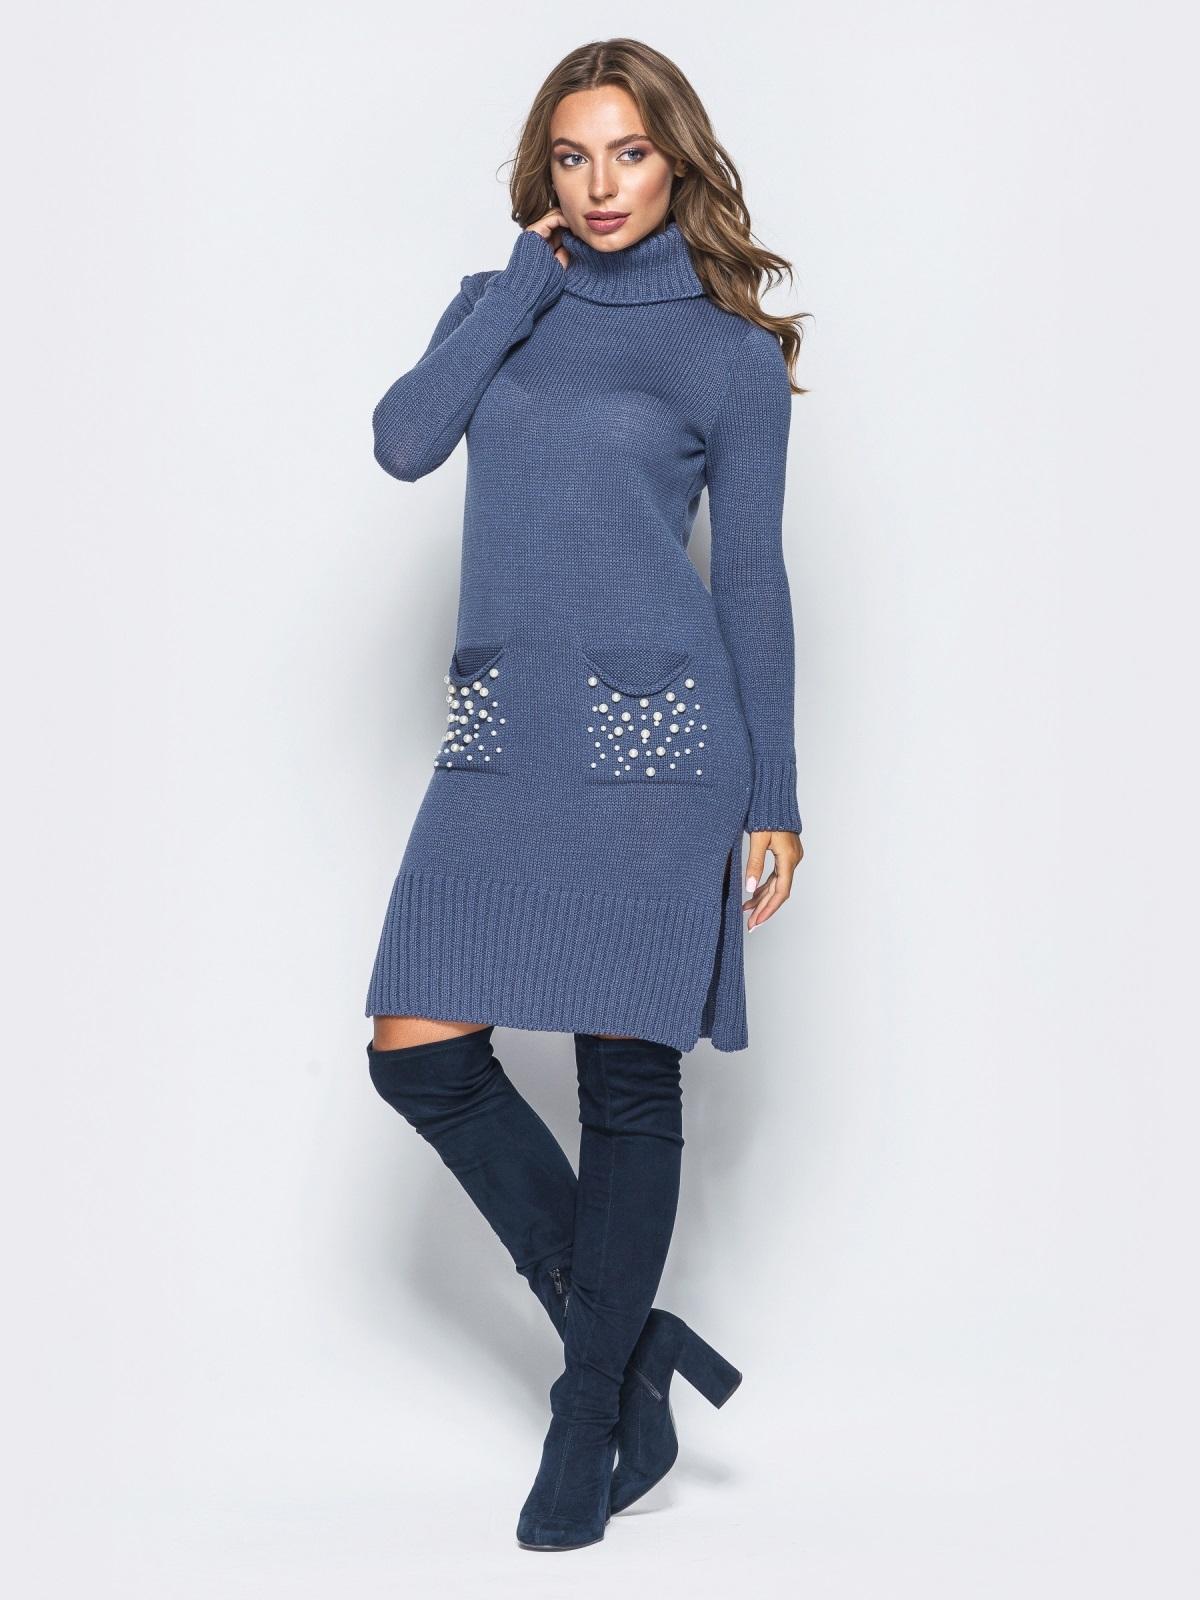 Девушка позирует в синем платье прямого кроя